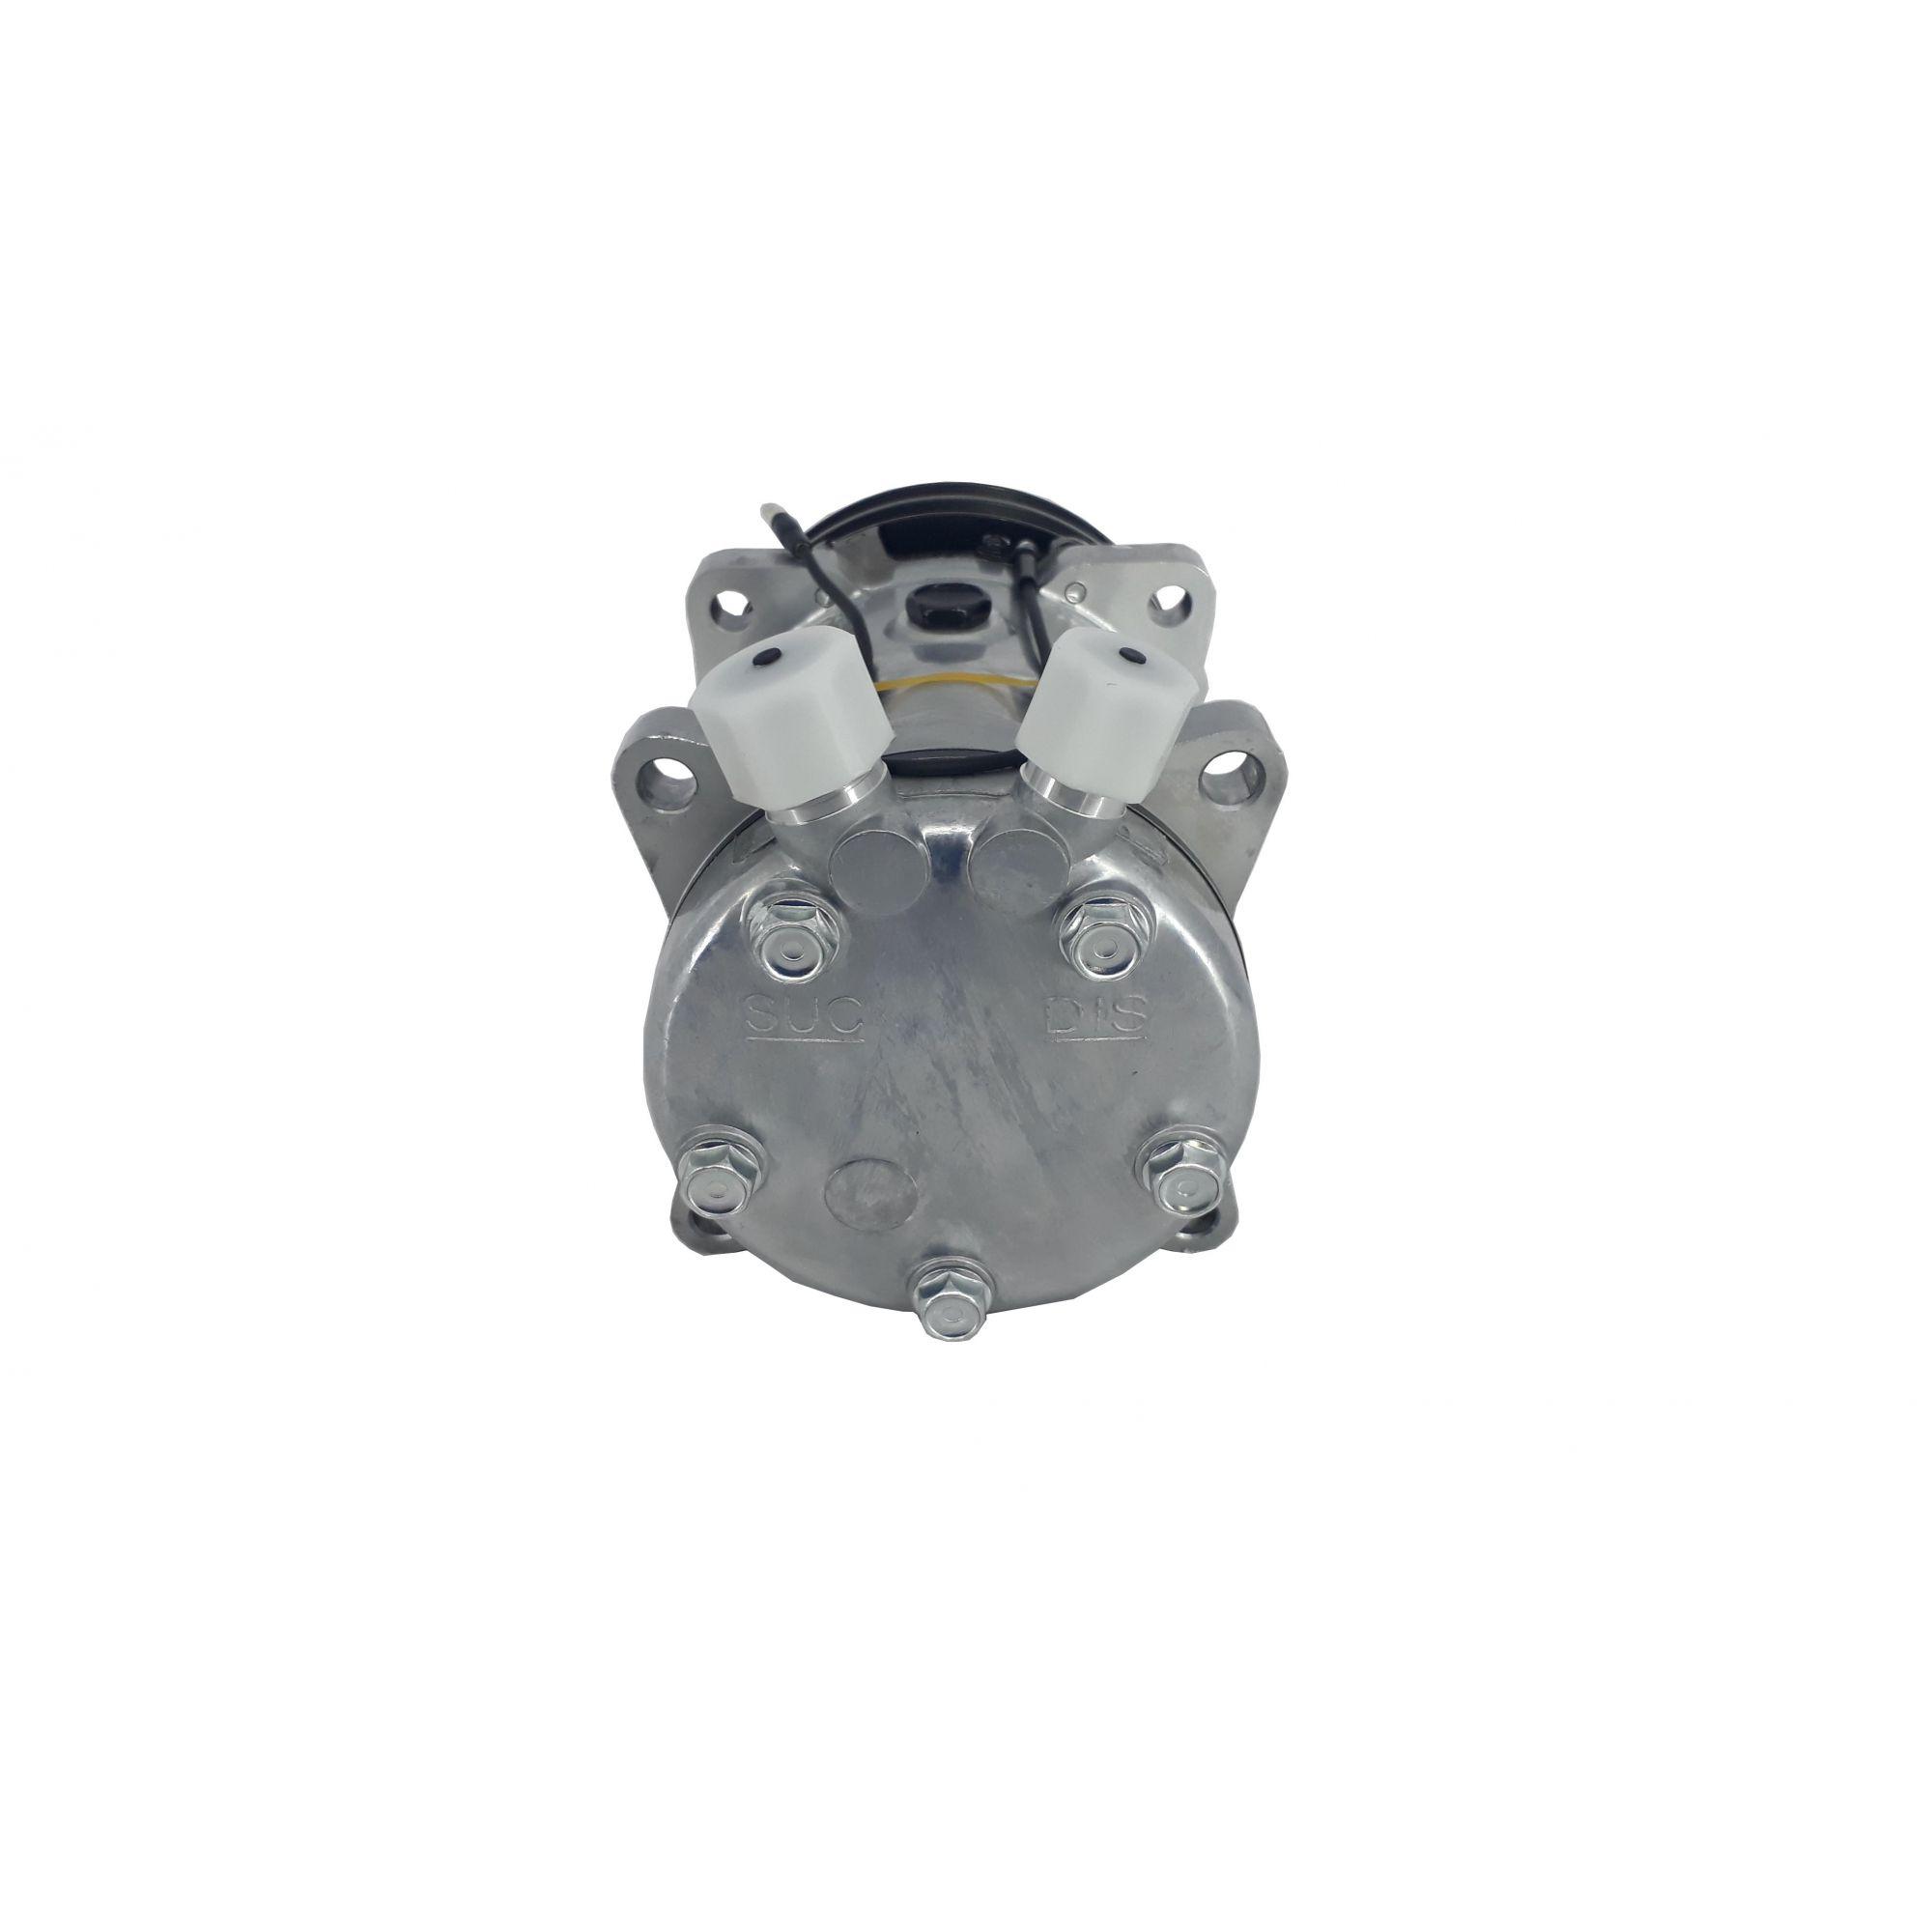 Compressor 5h14 12v Canal A - Original DENSO